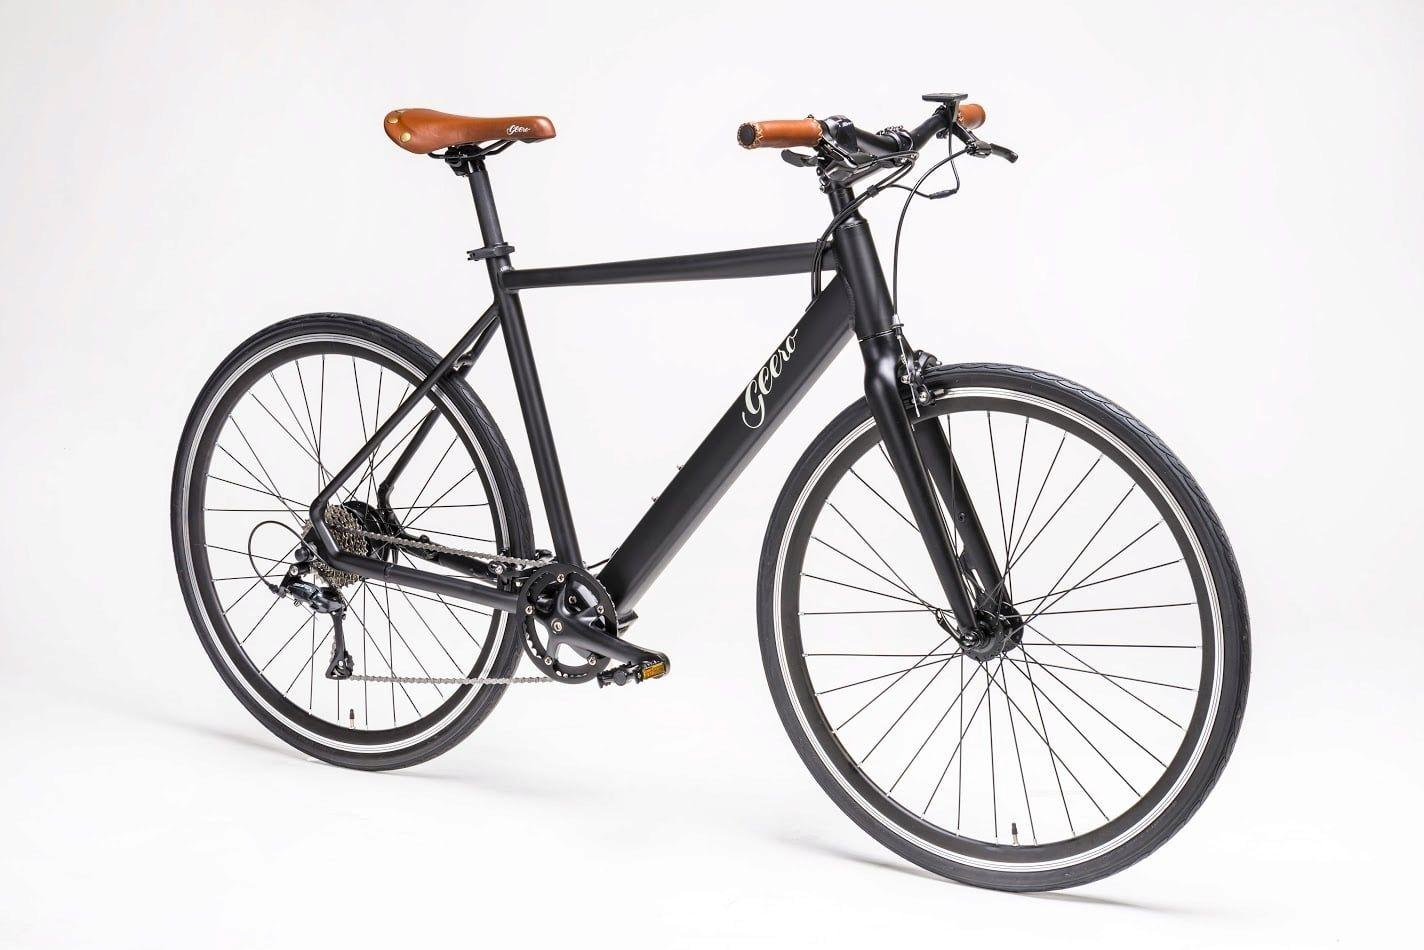 Geero E Bike Vintage Vinyl Black Retro Fahrrad E Bike Fahrrad Tattoo